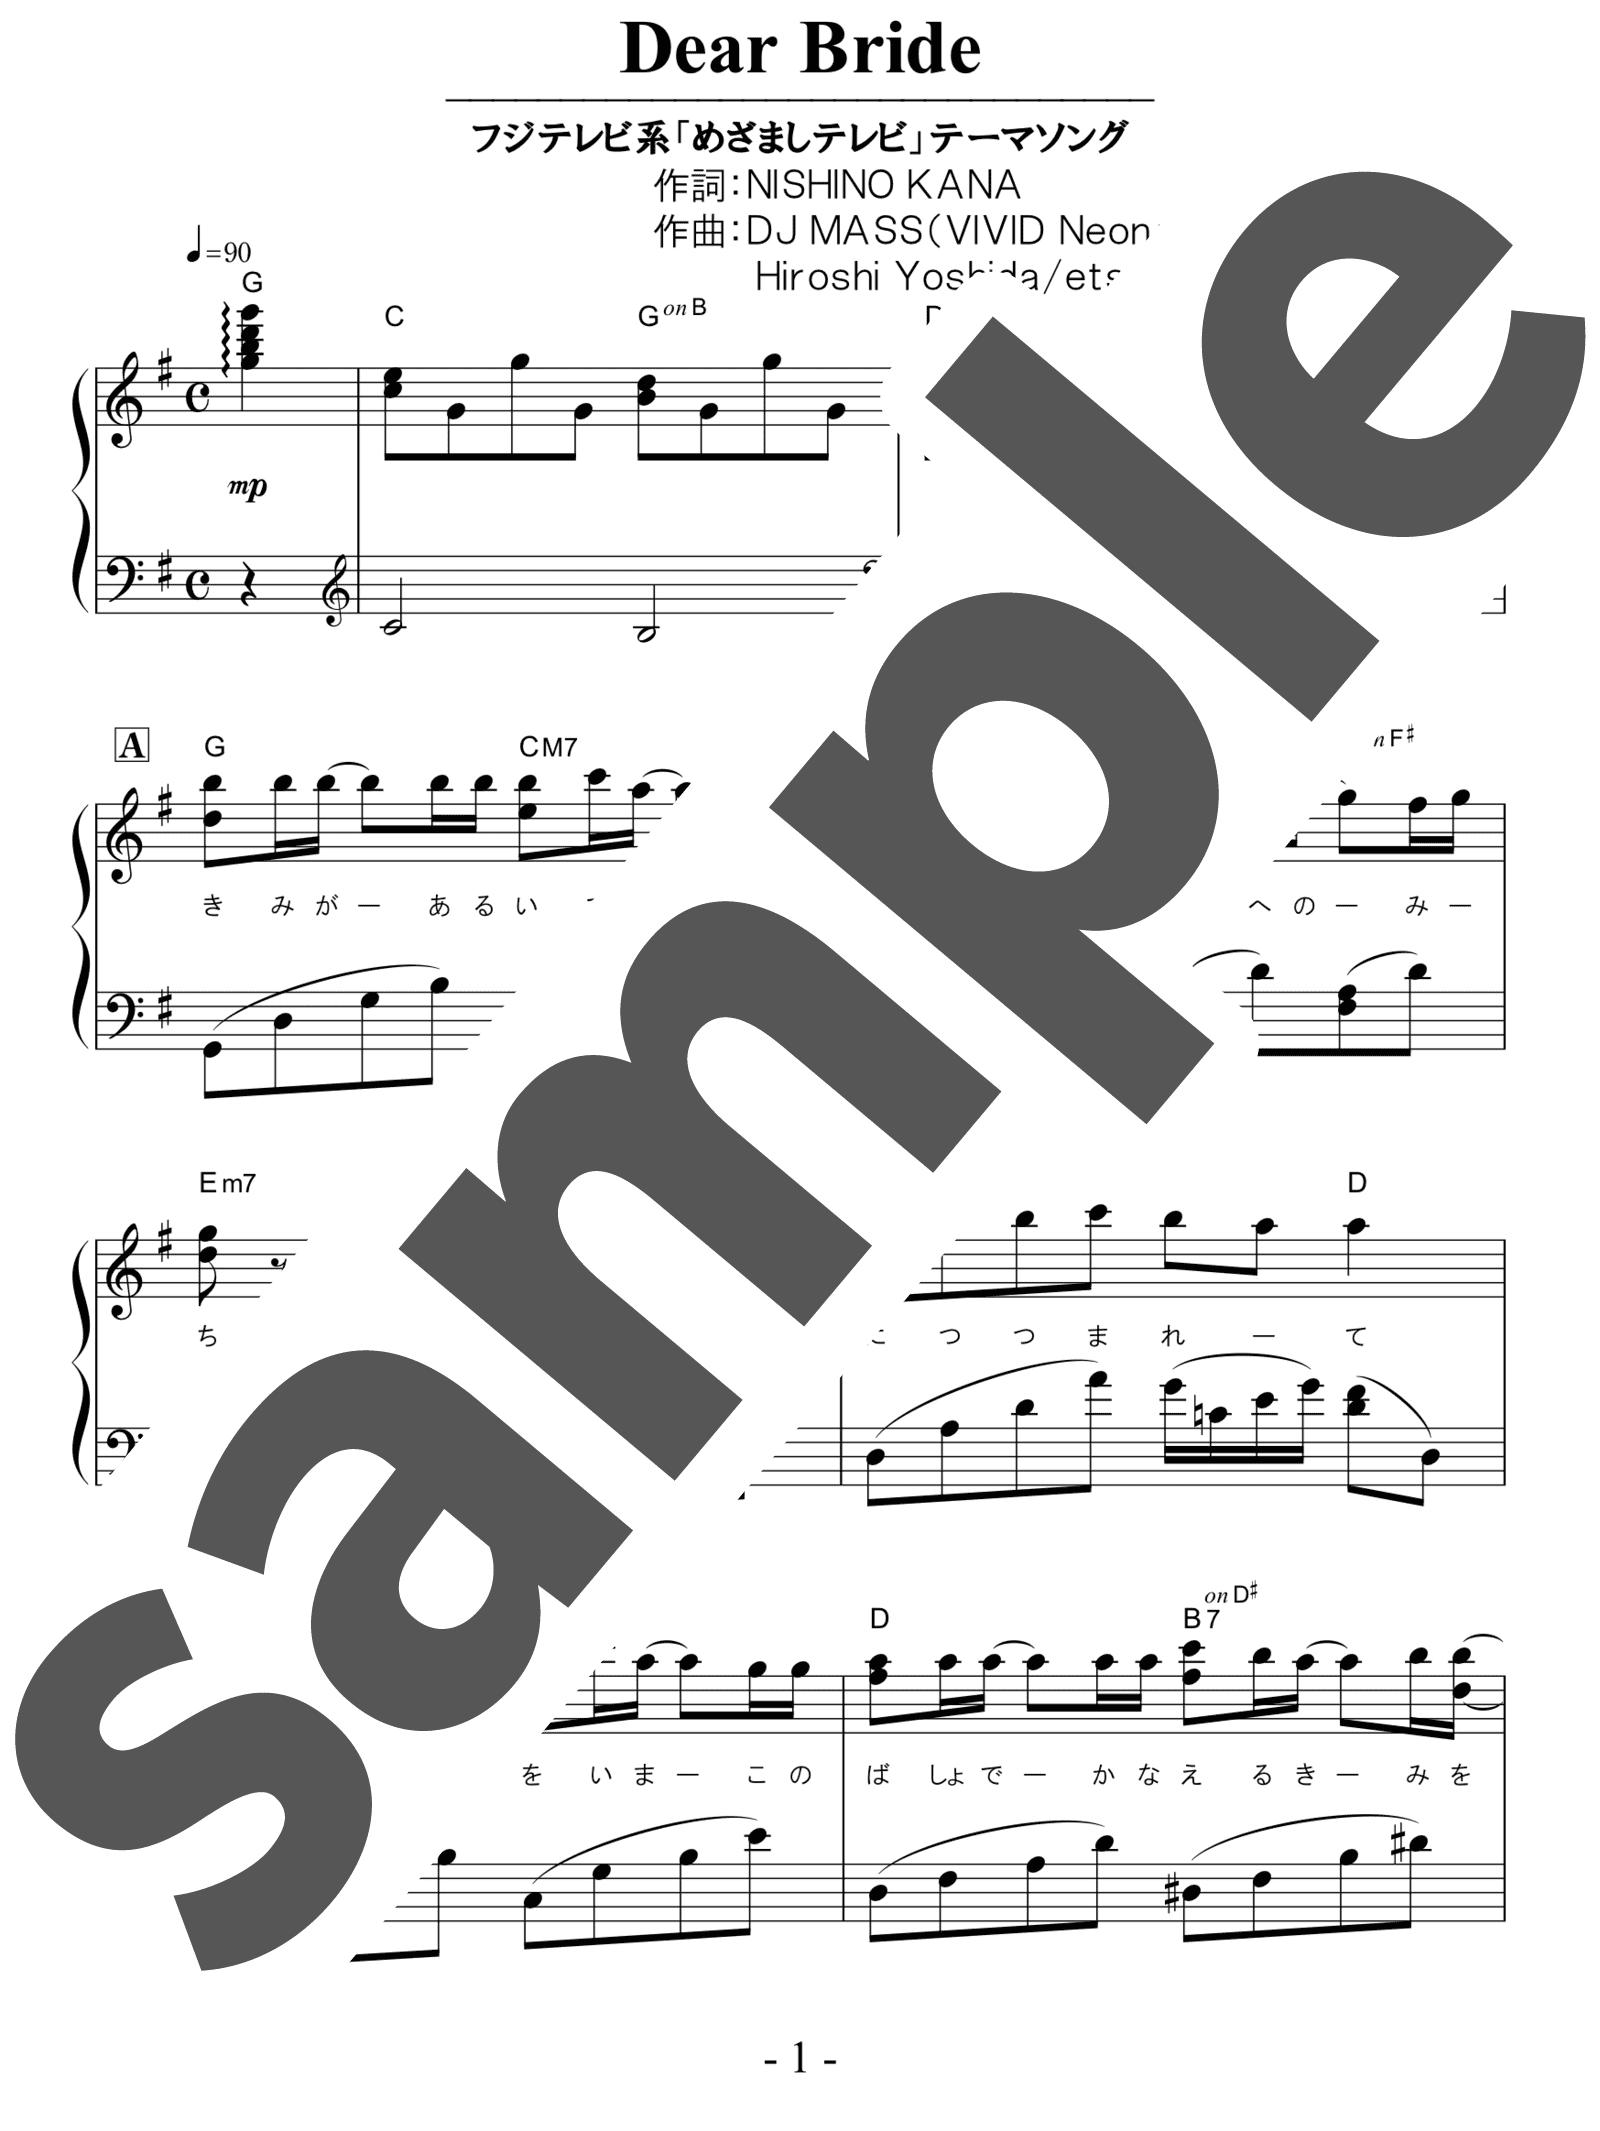 「Dear Bride」のサンプル楽譜